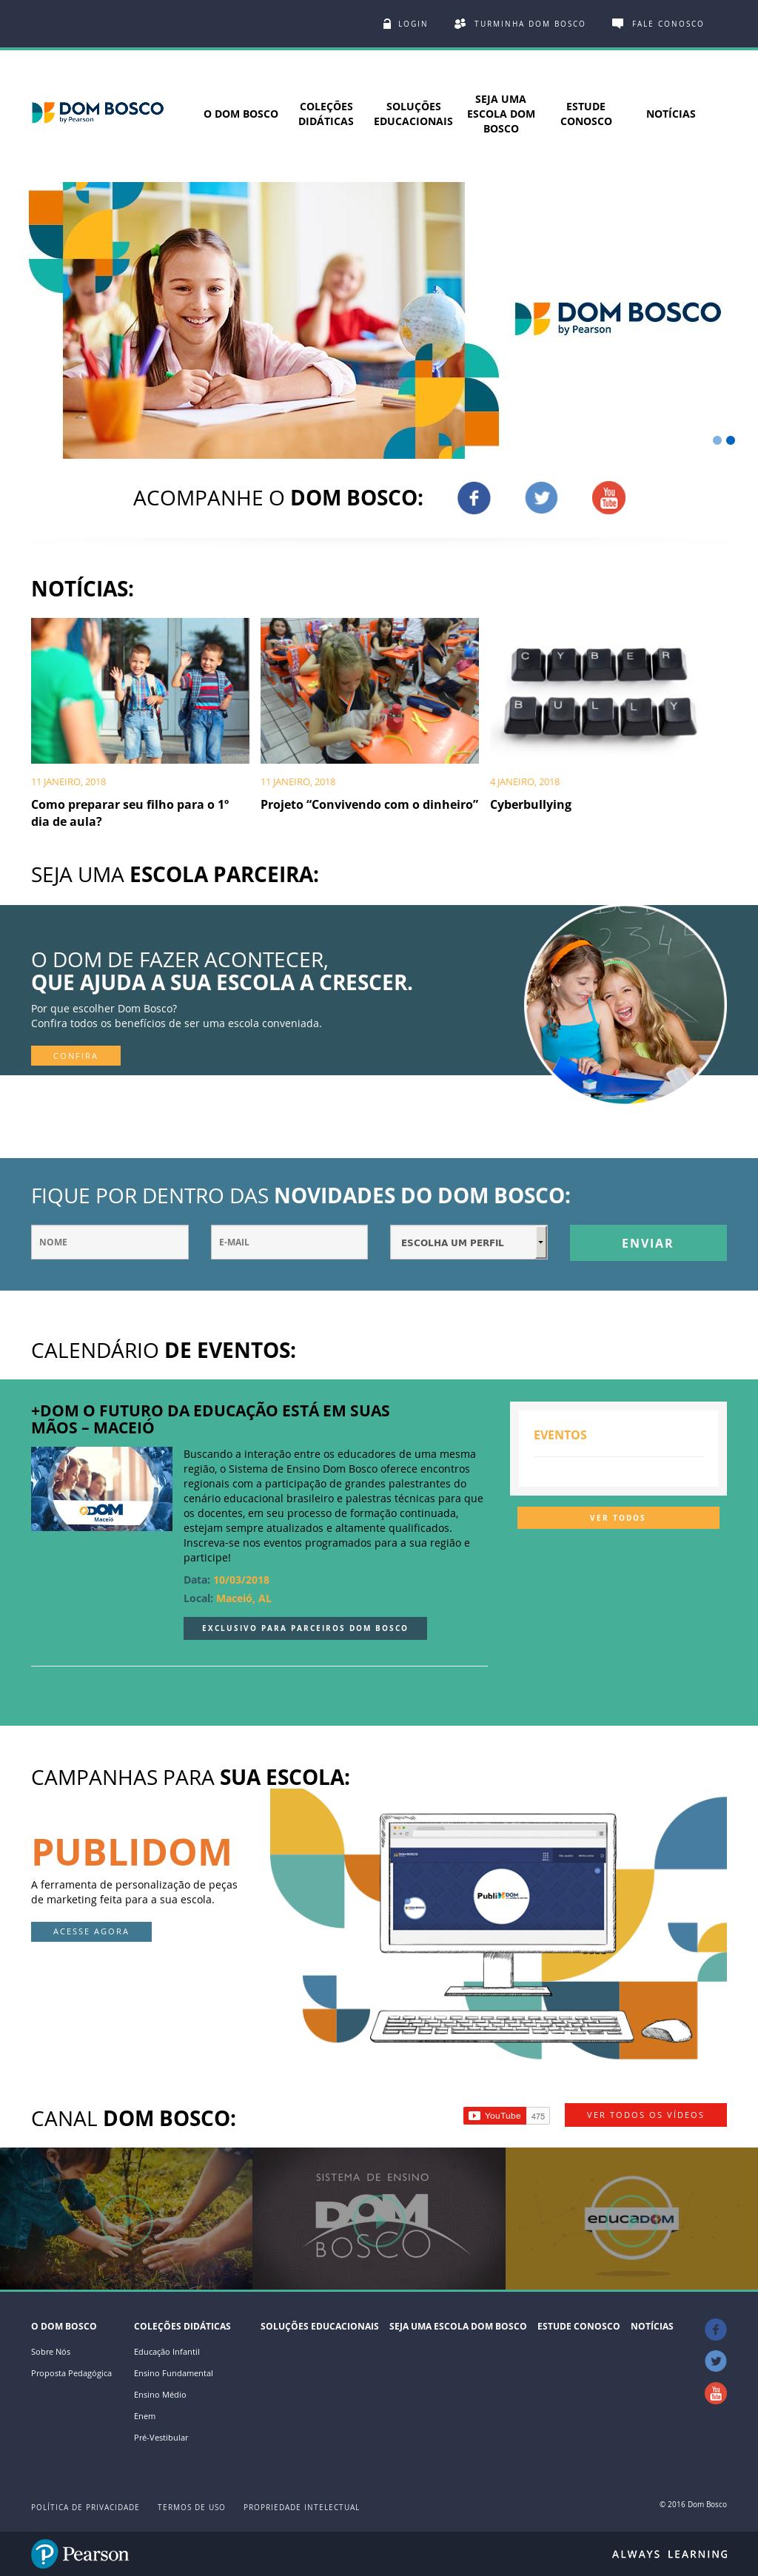 Sistema De Ensino Dom Bosco Competitors Revenue And Employees